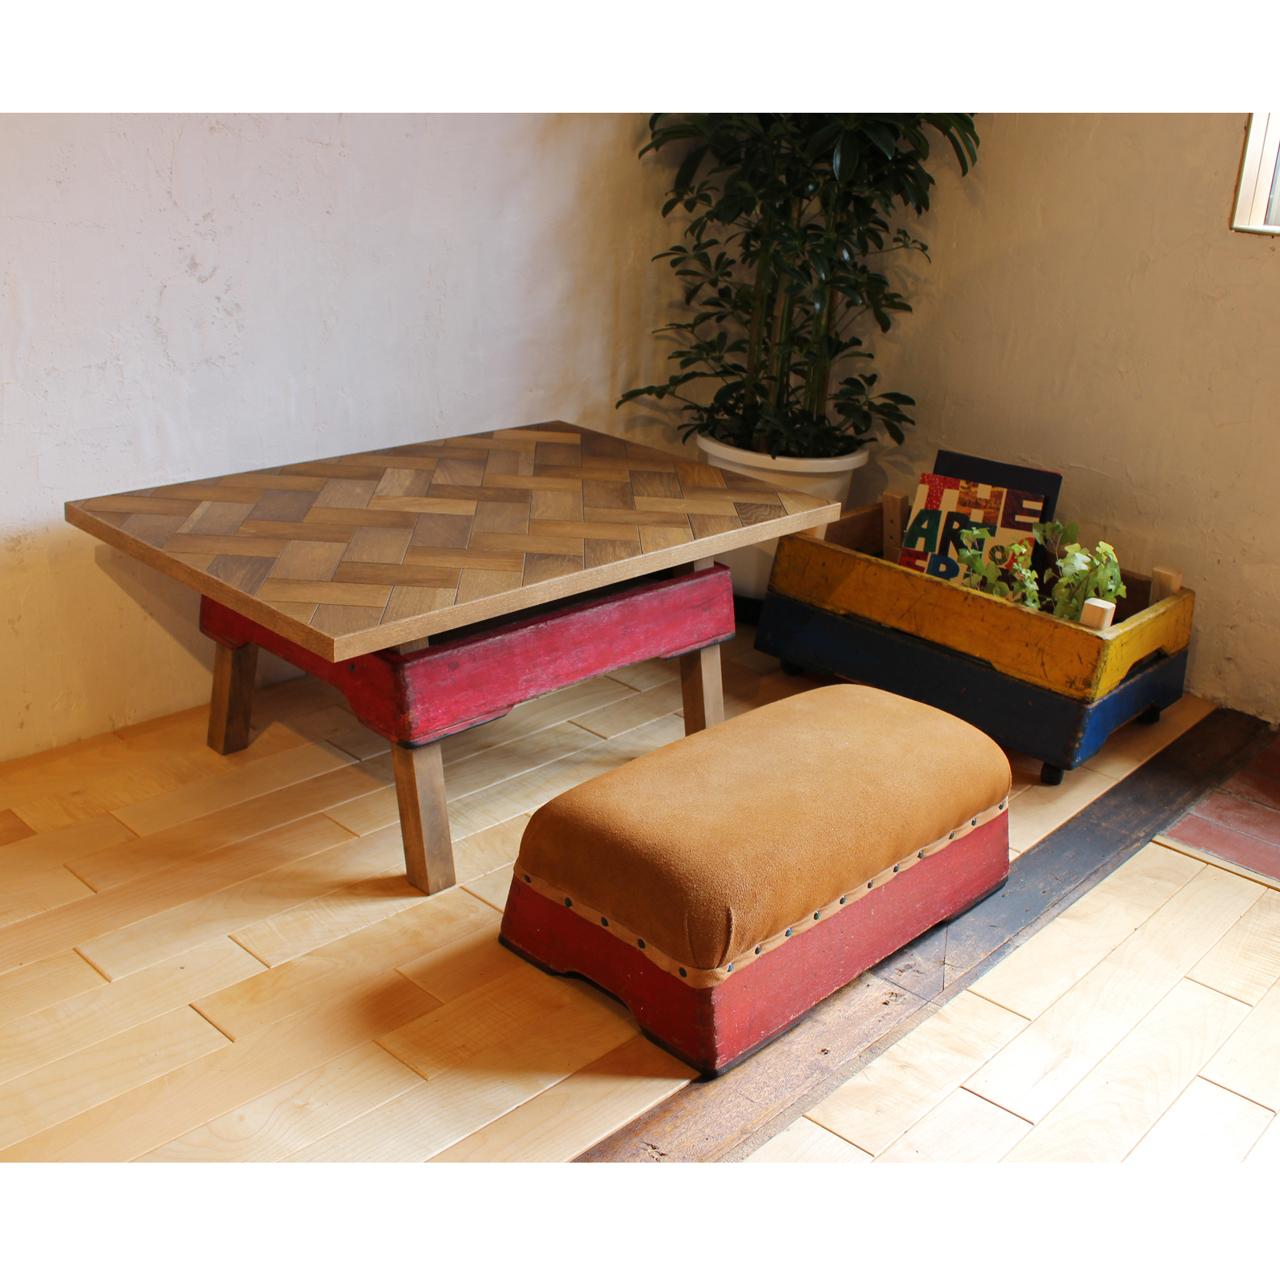 【組立式】リバーシブル脚のローテーブル *リメイク品